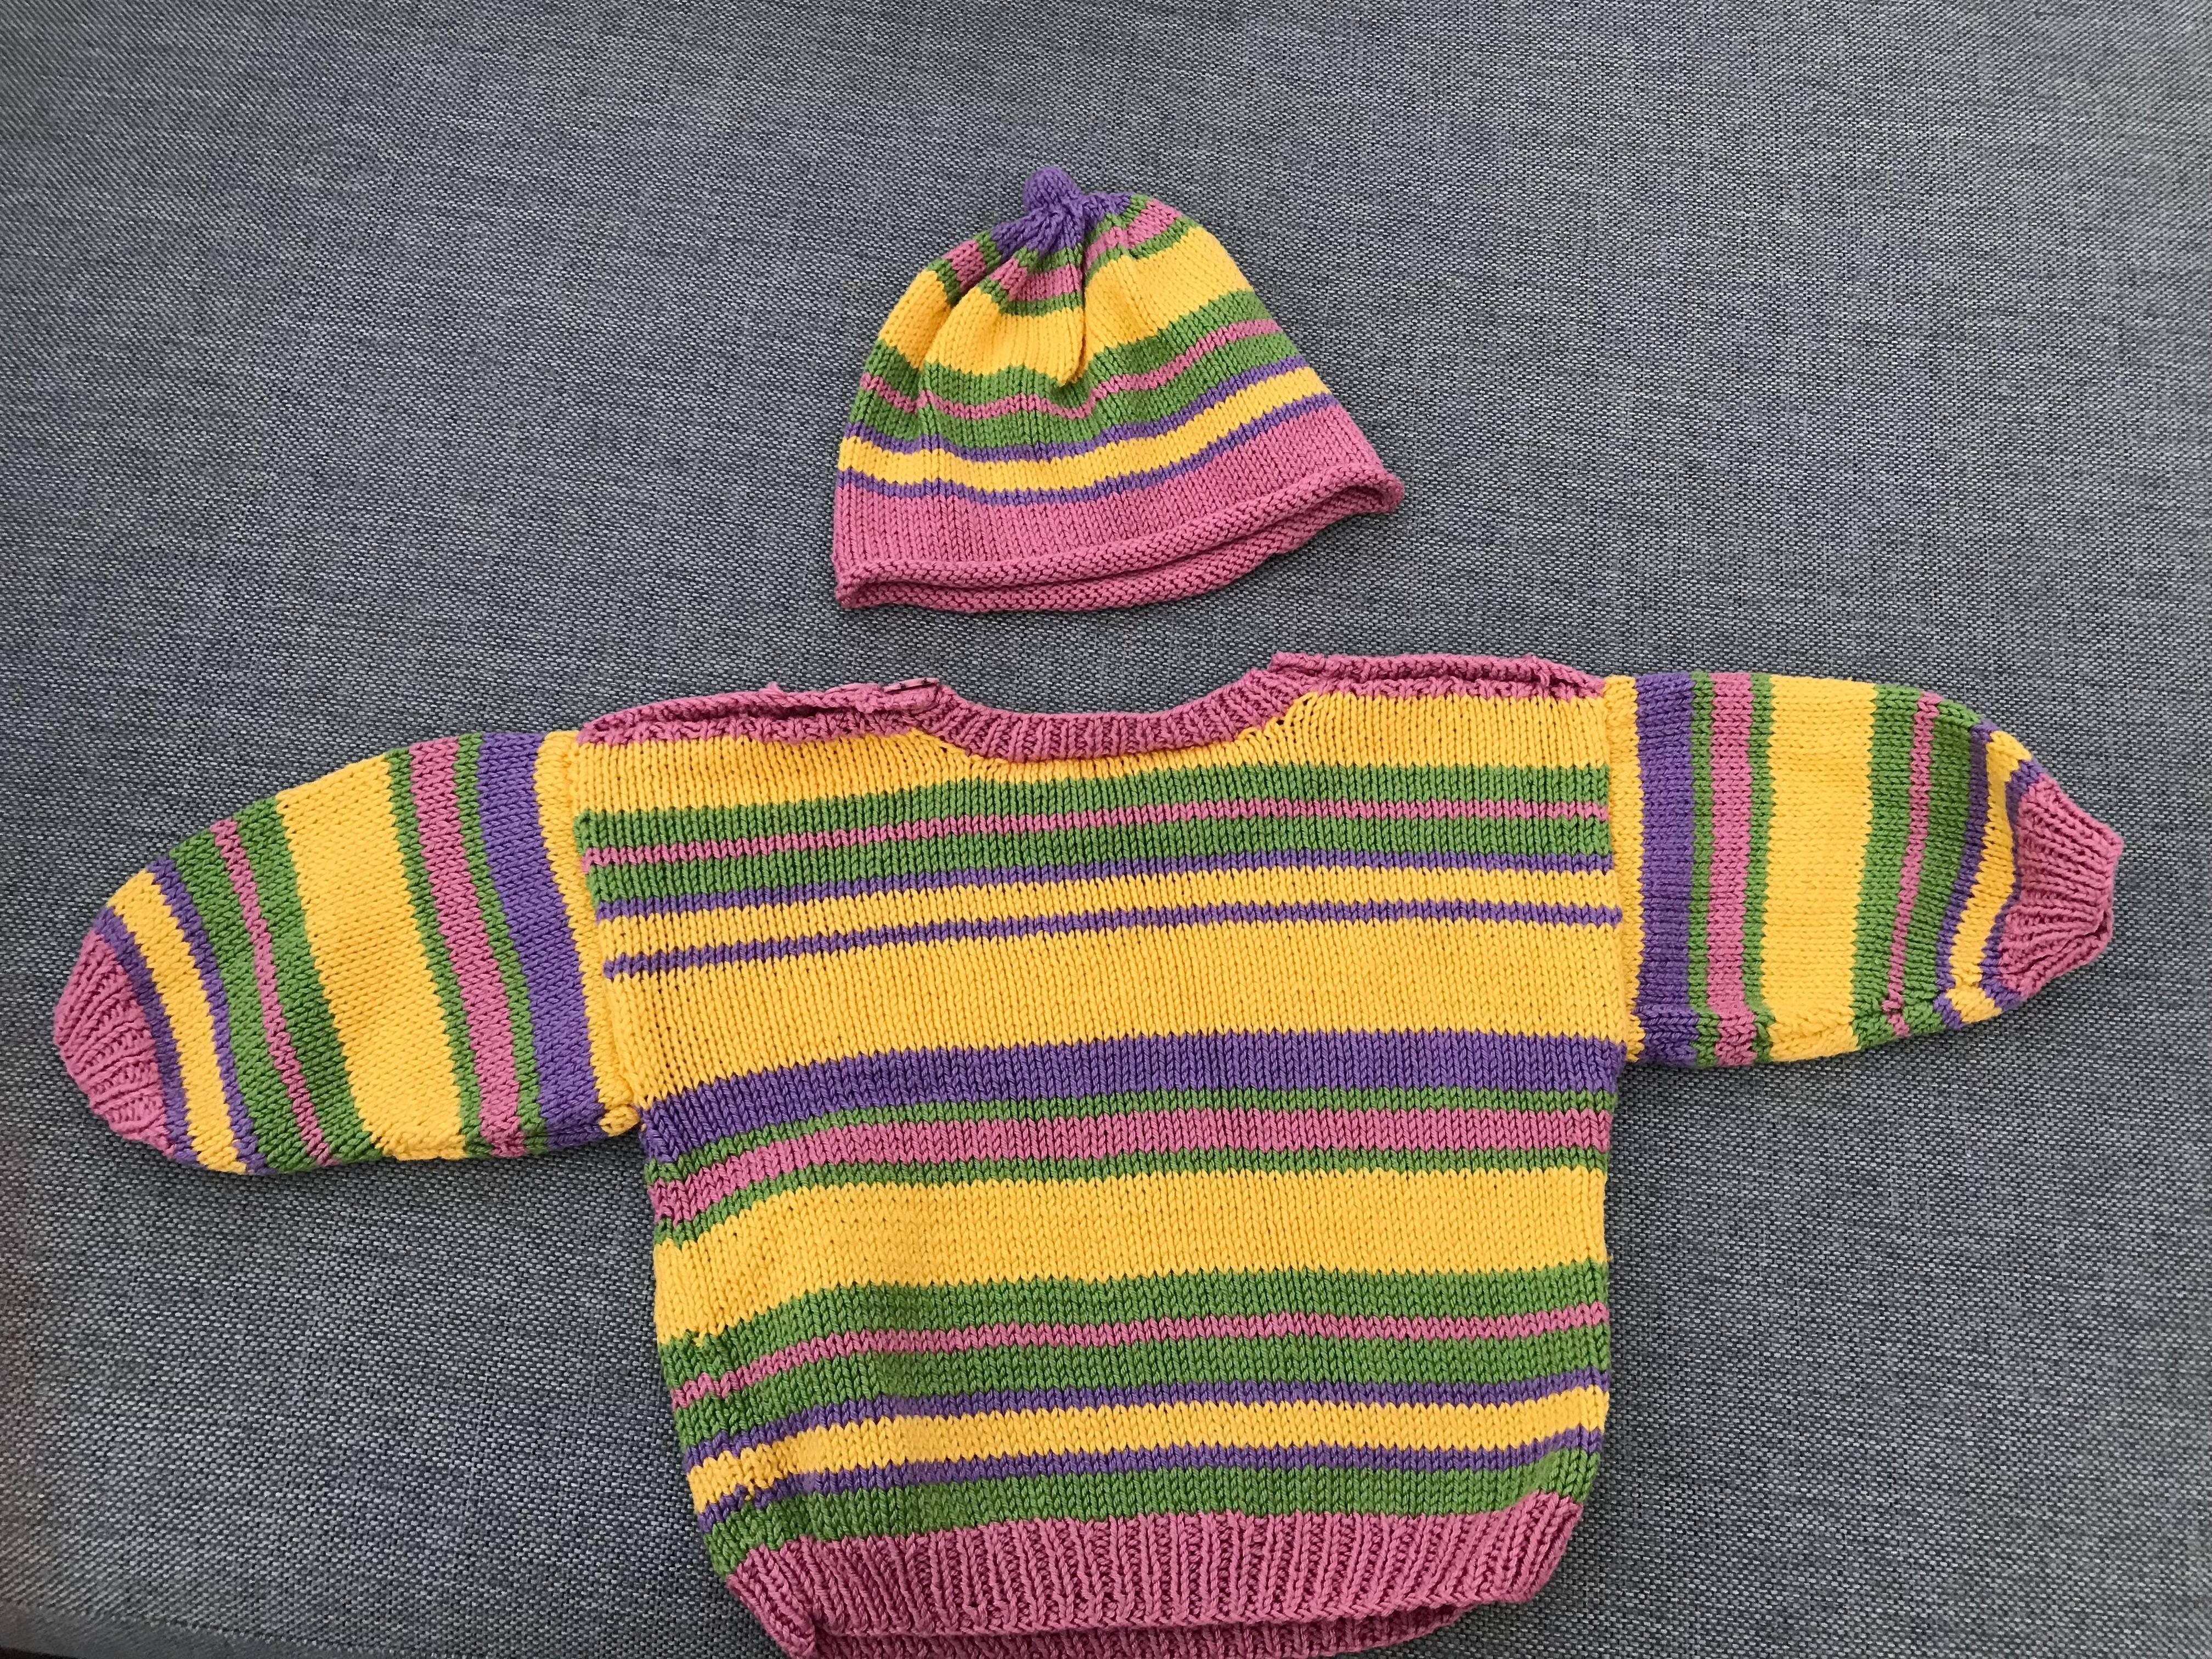 Vacker stickad tröja med ränder av lila, rosa, grönt och gult. Matchande mössa ingår.